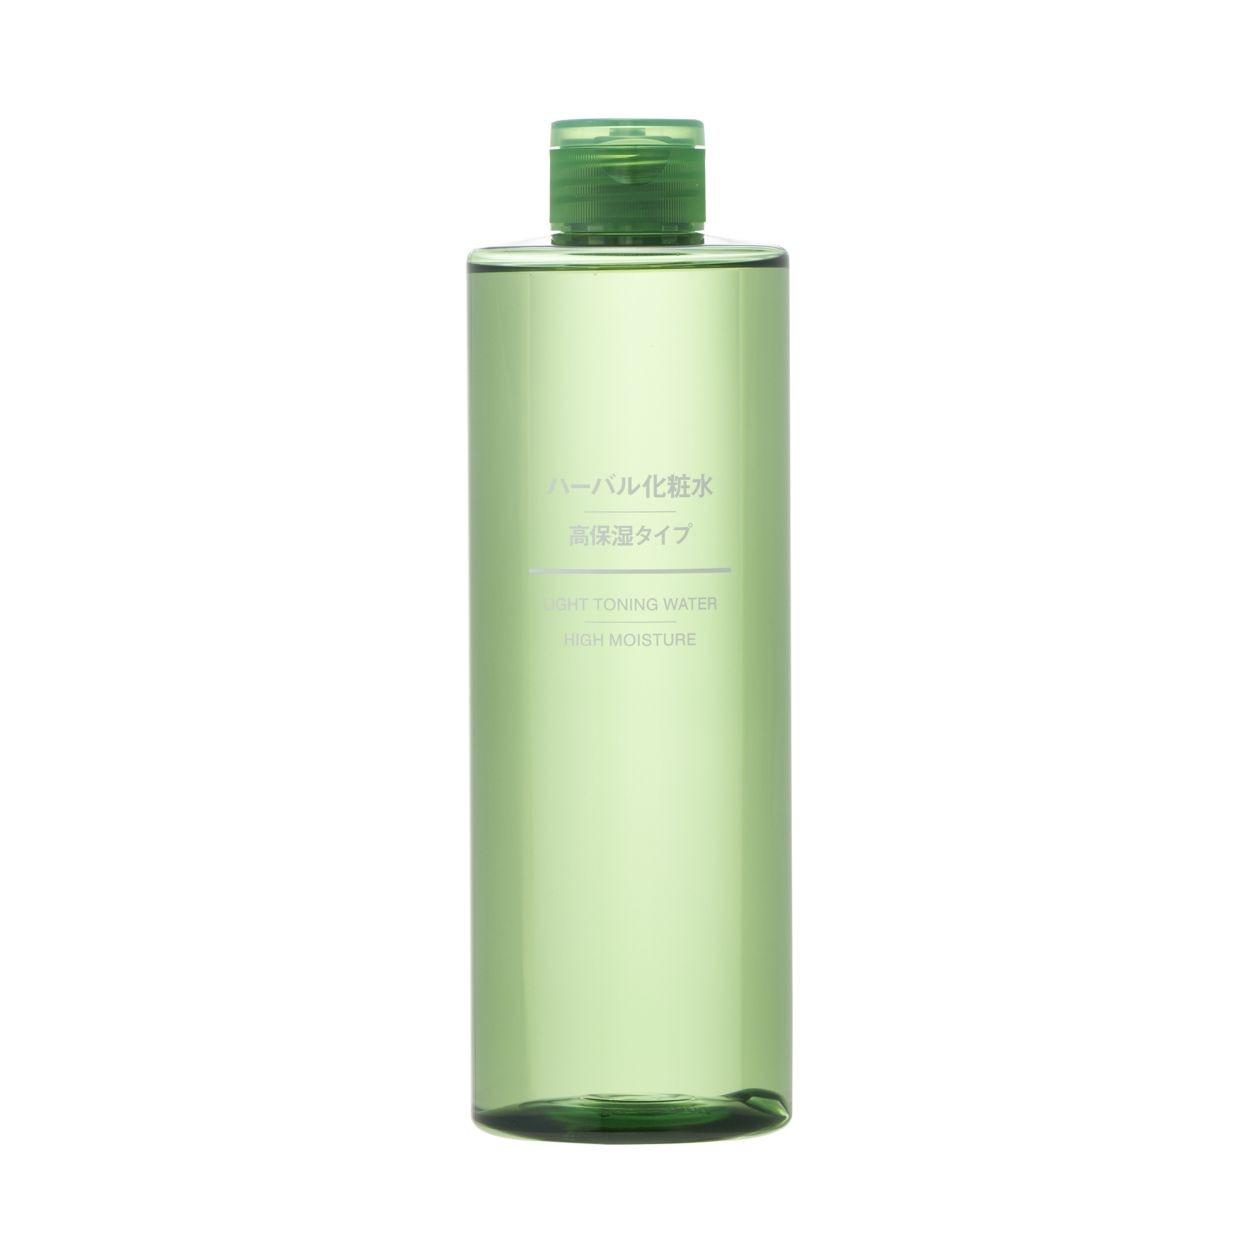 ハーバル化粧水・高保湿タイプ(大容量)